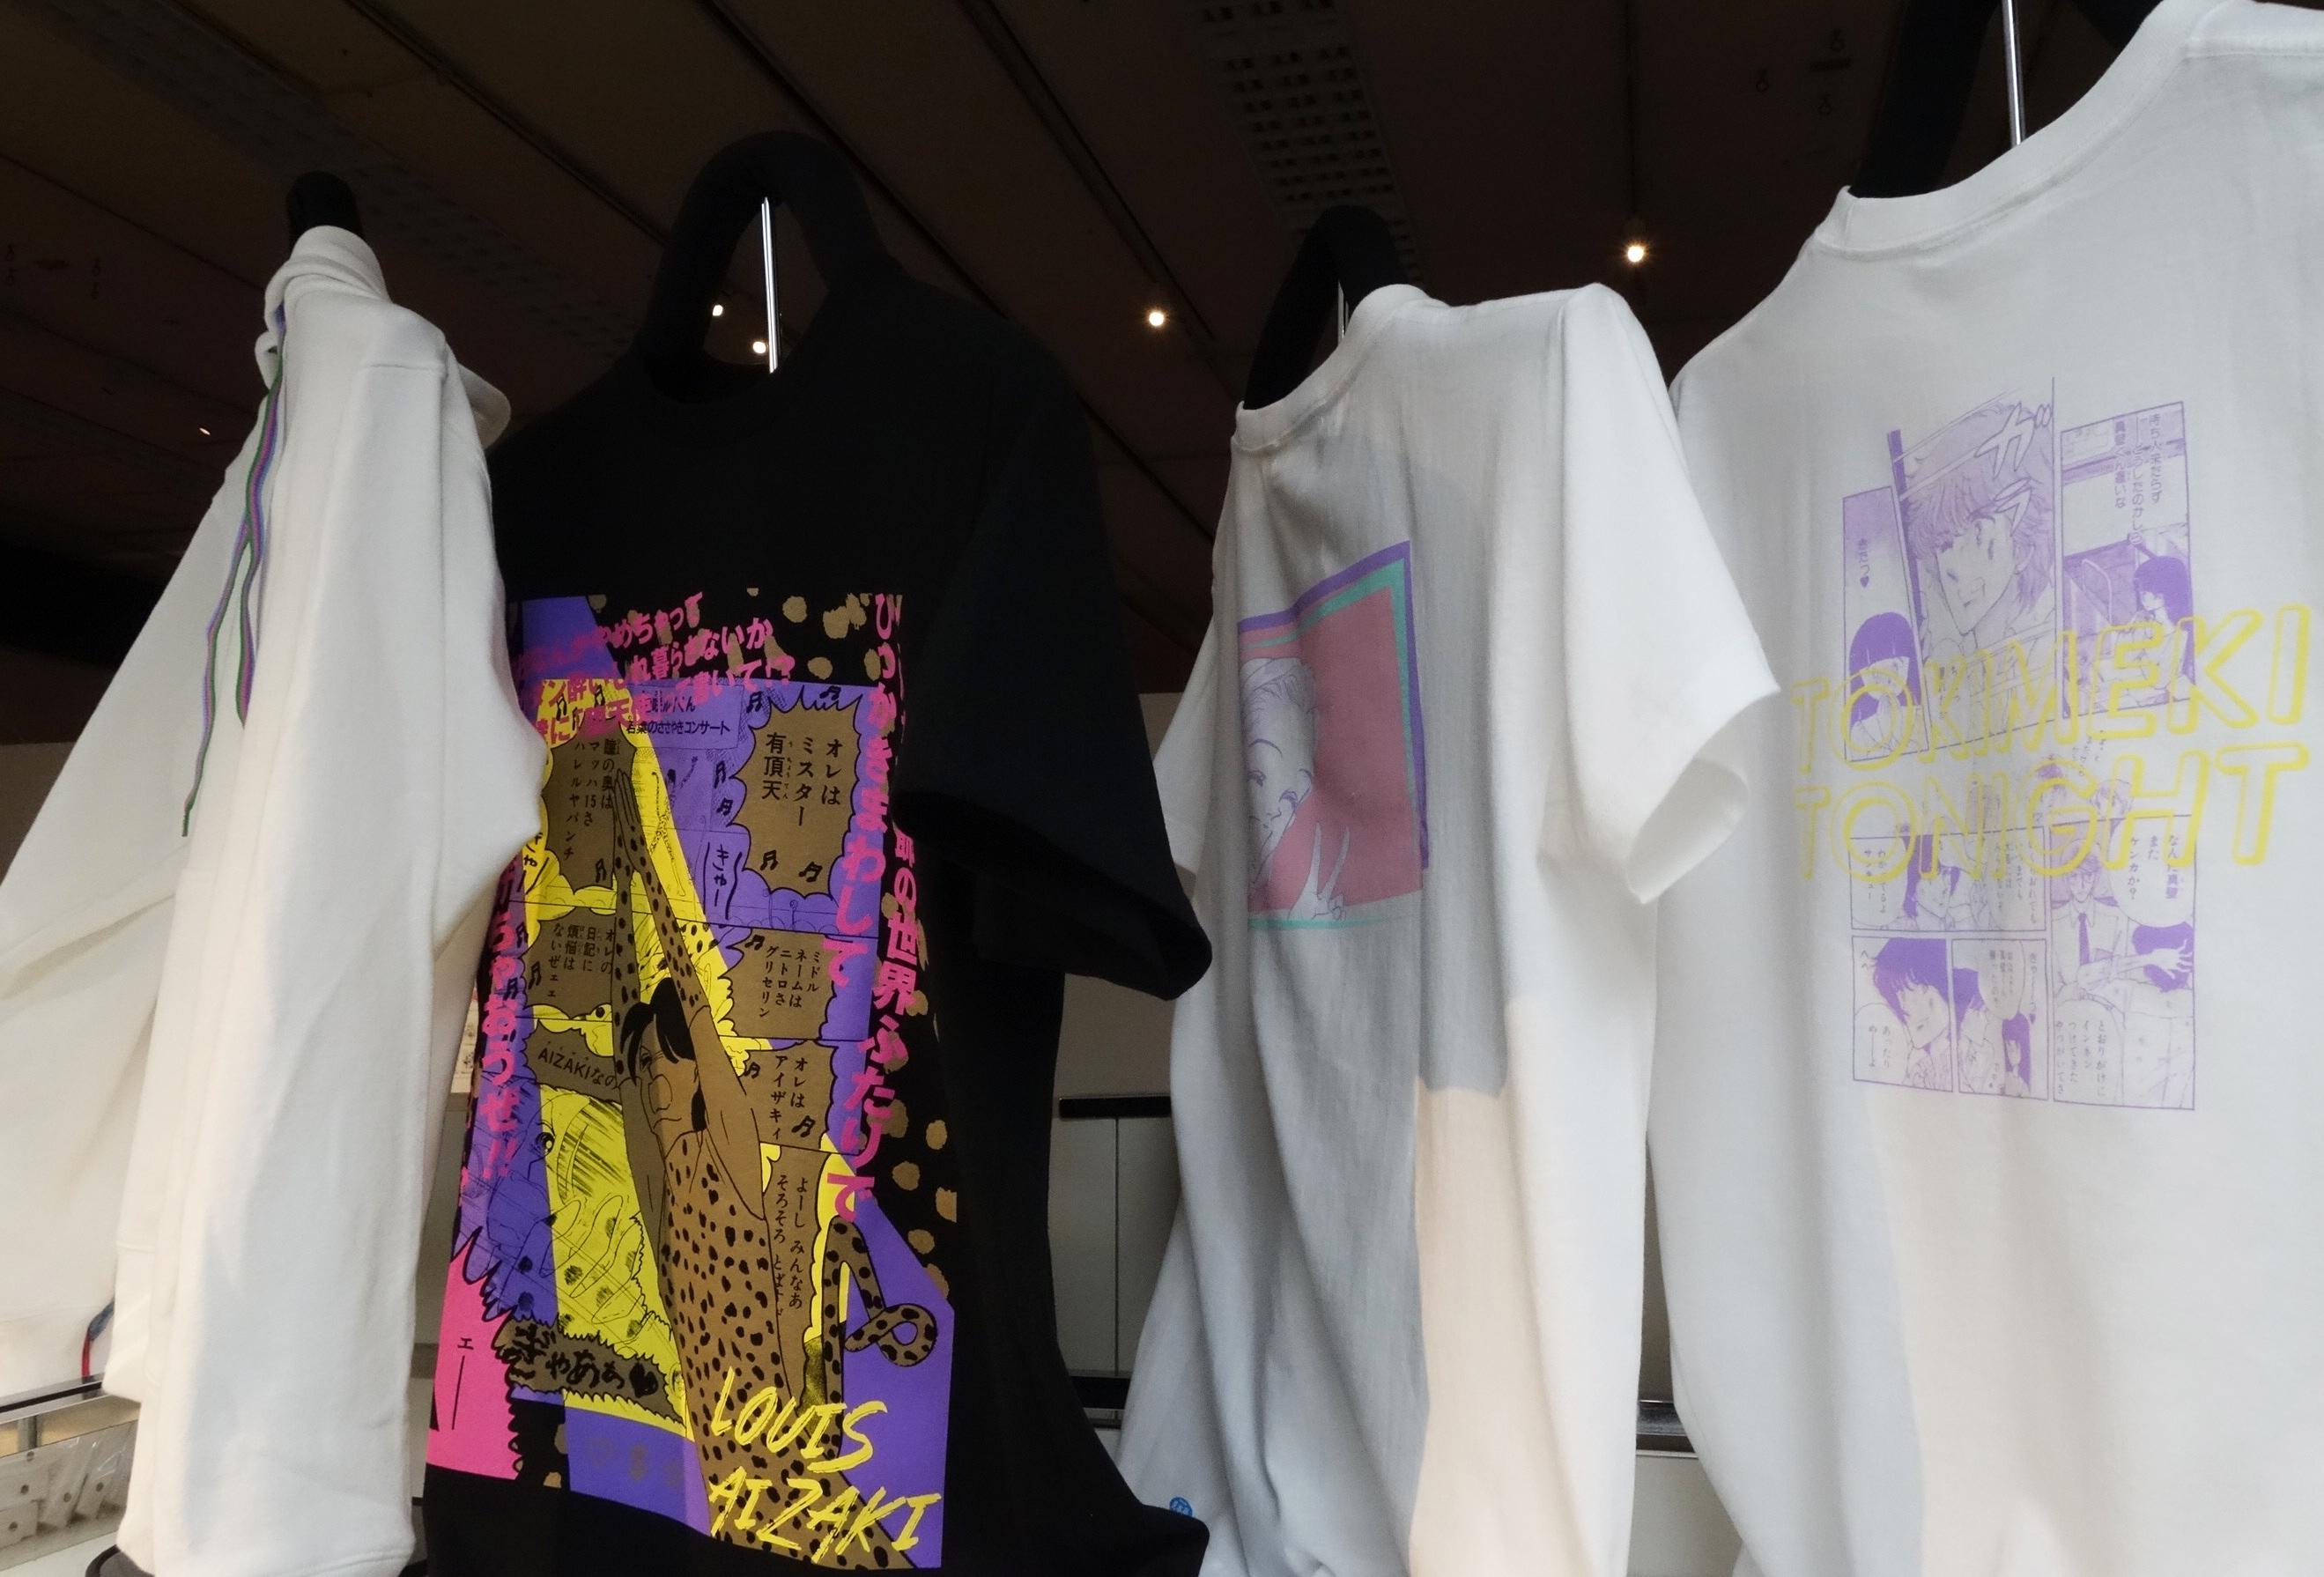 特別展「りぼん」特設ショップにて。Tシャツなどのファッションアイテムも(c)池野恋/集英社 (c)岡田あ~みん/集英社  (c)さくらプロダクション (c)矢沢あい/集英社 (c)矢沢漫画制作所/集英社